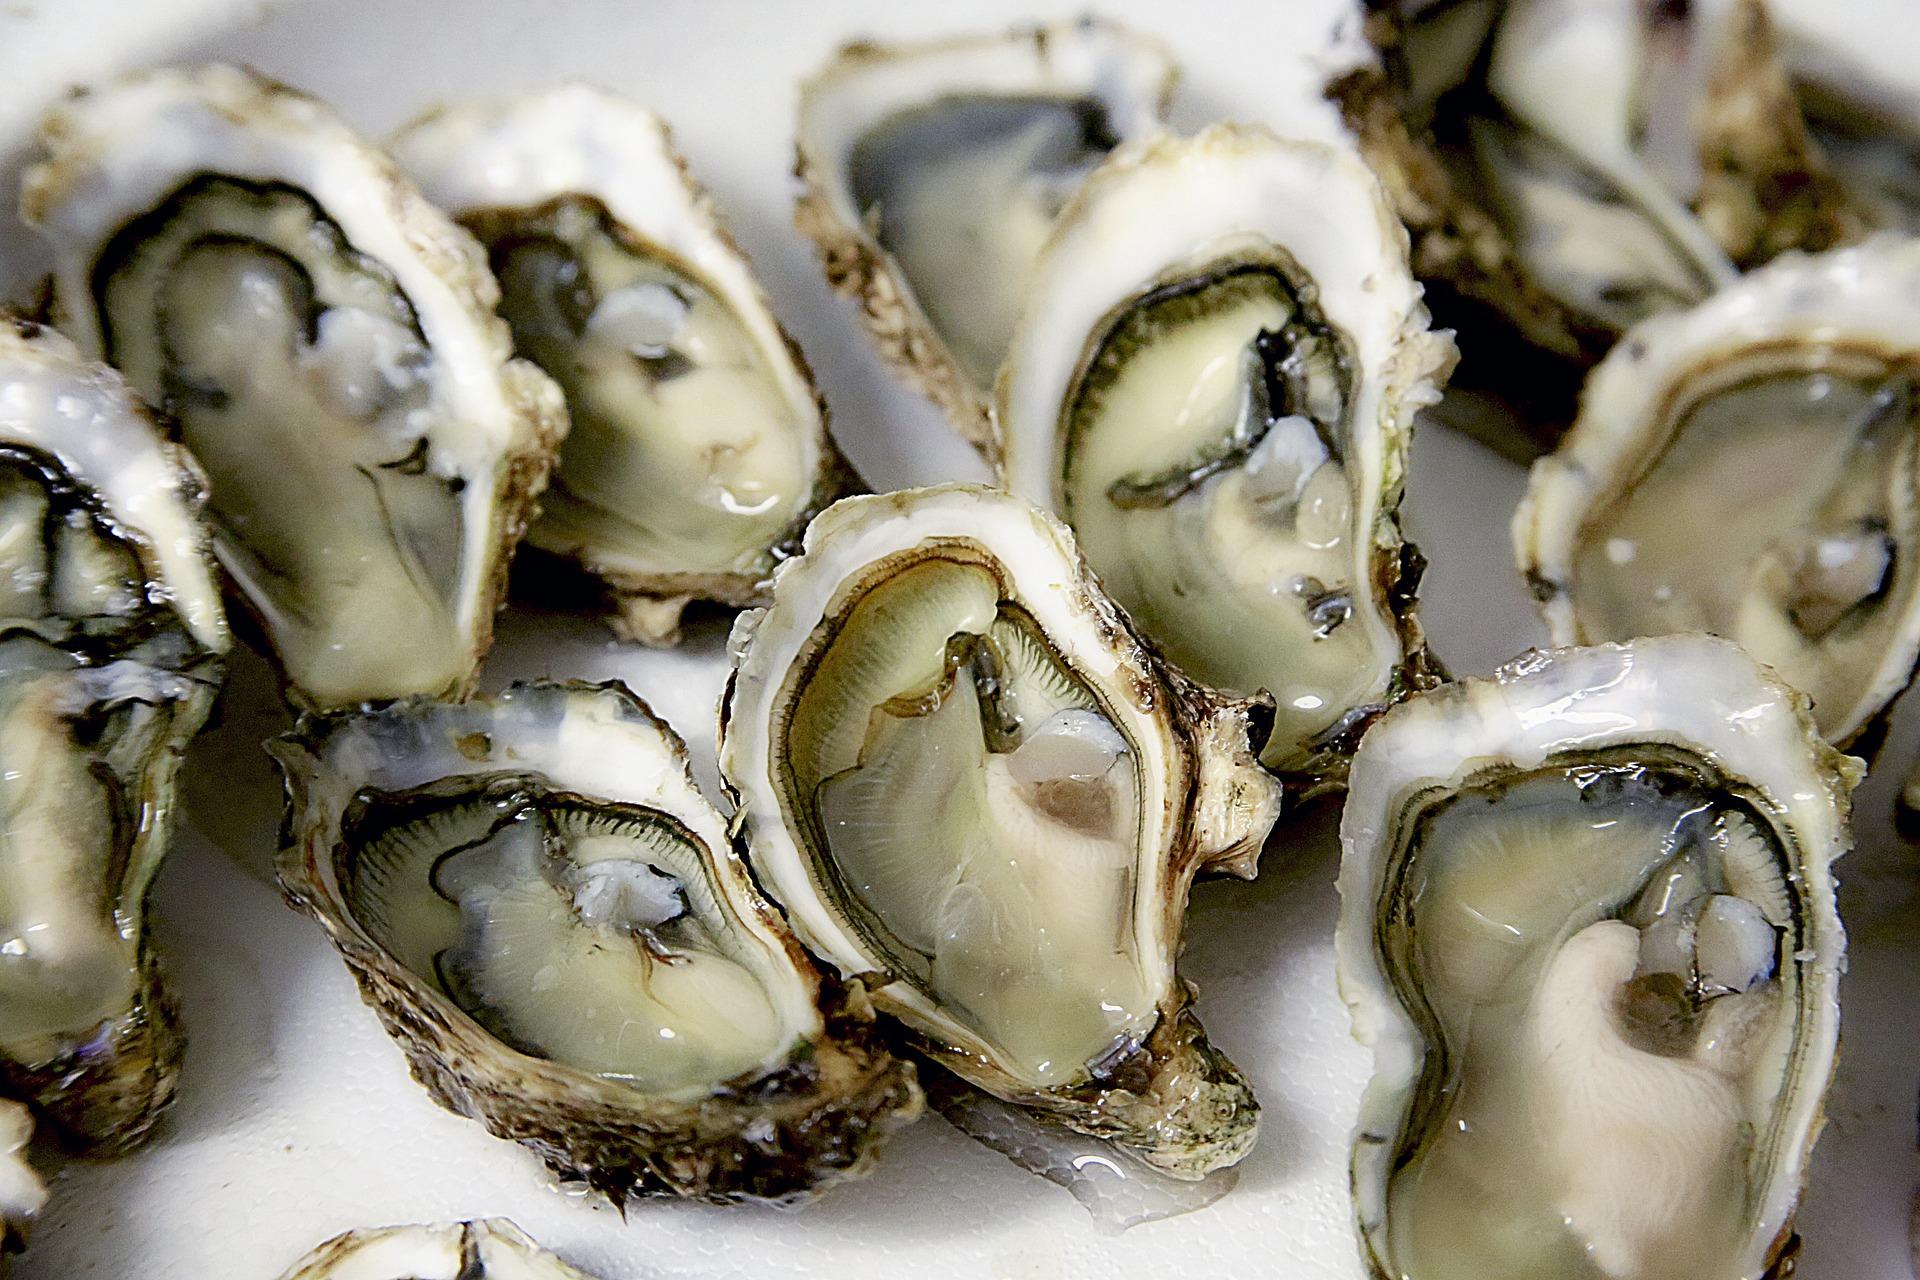 Comment bien choisir ses huîtres? 1